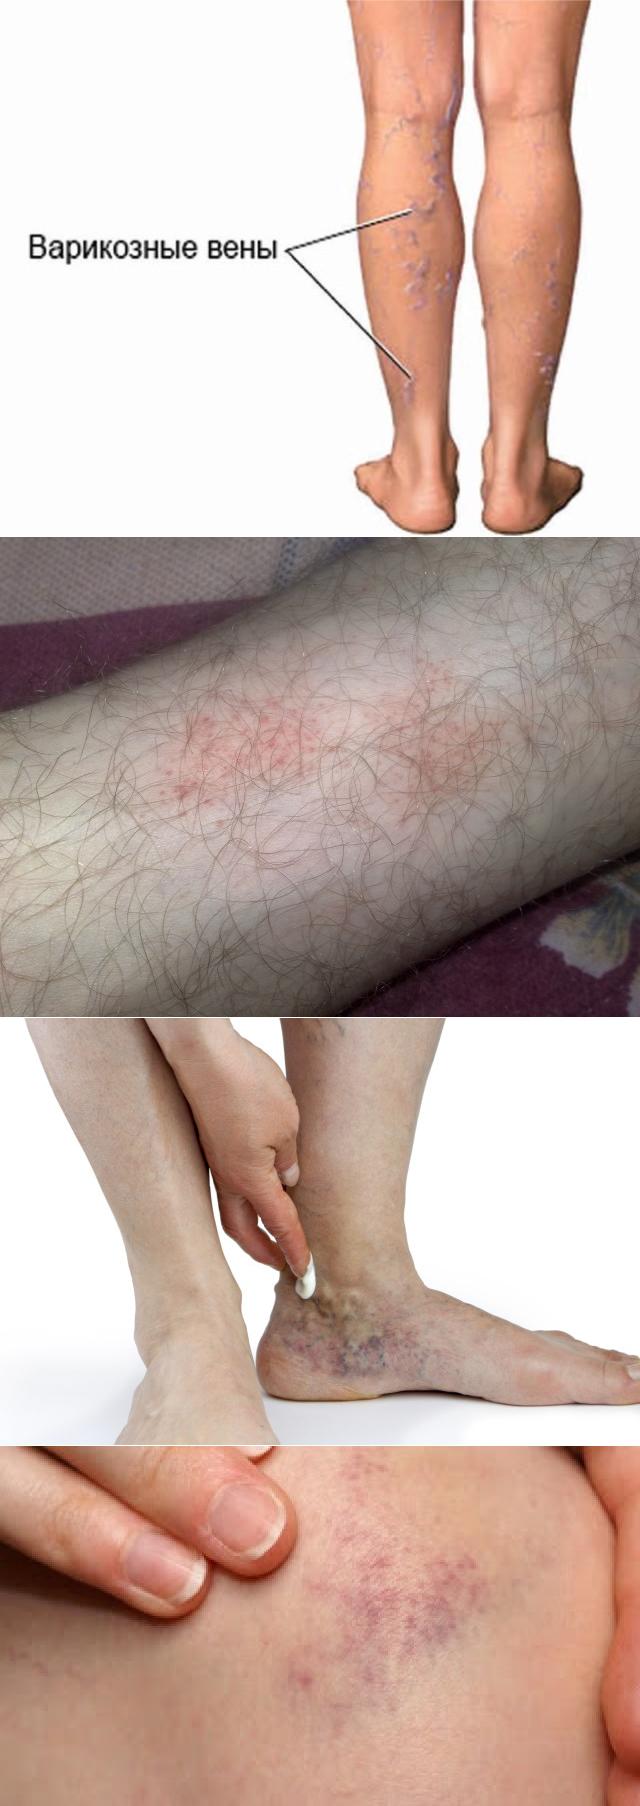 Народные средства для лечения варикозного дерматита